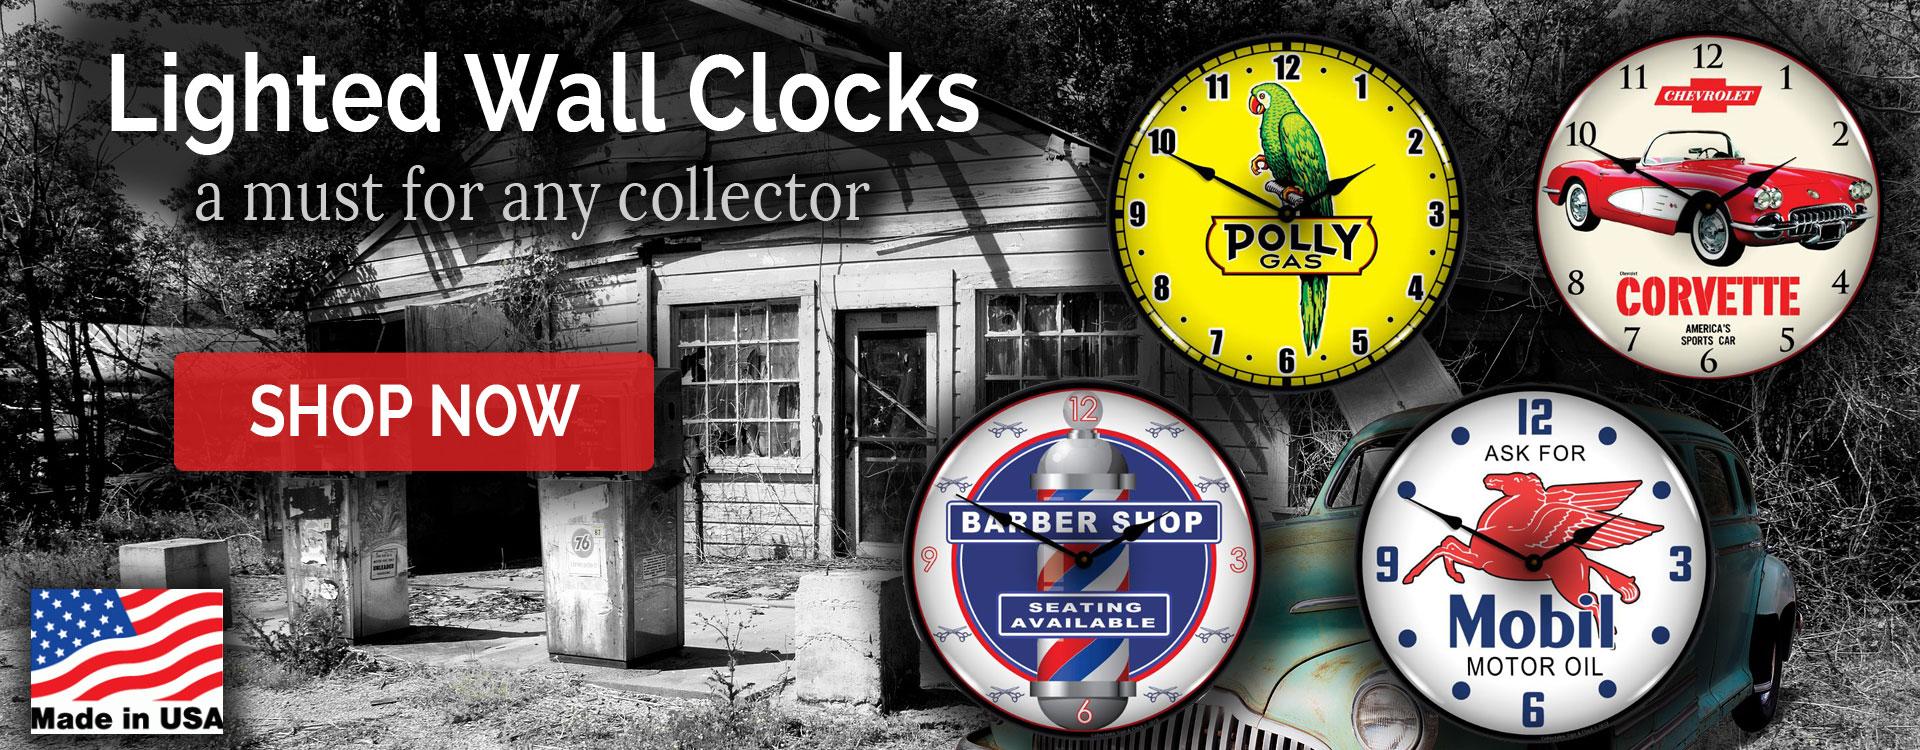 lighted wall clocks